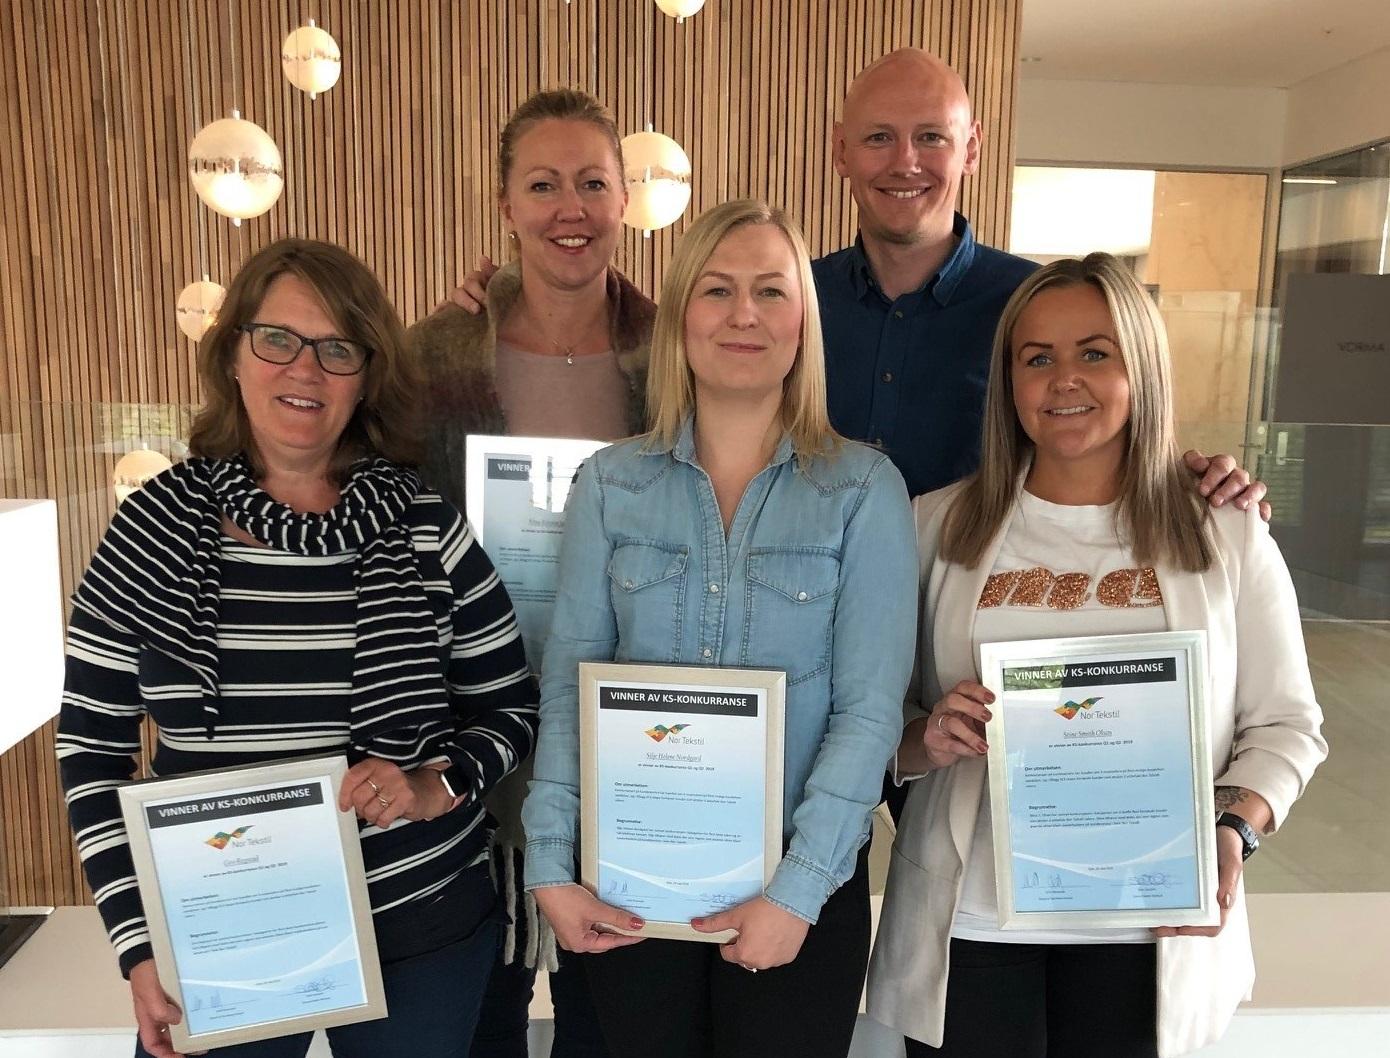 Oppe fra venstre: Nina Kristin Jakobsen, Arild Ommedal. Nede fra venstre: Gro Regstad, Silje Helene Nordgard, Stine Smith Olsen.